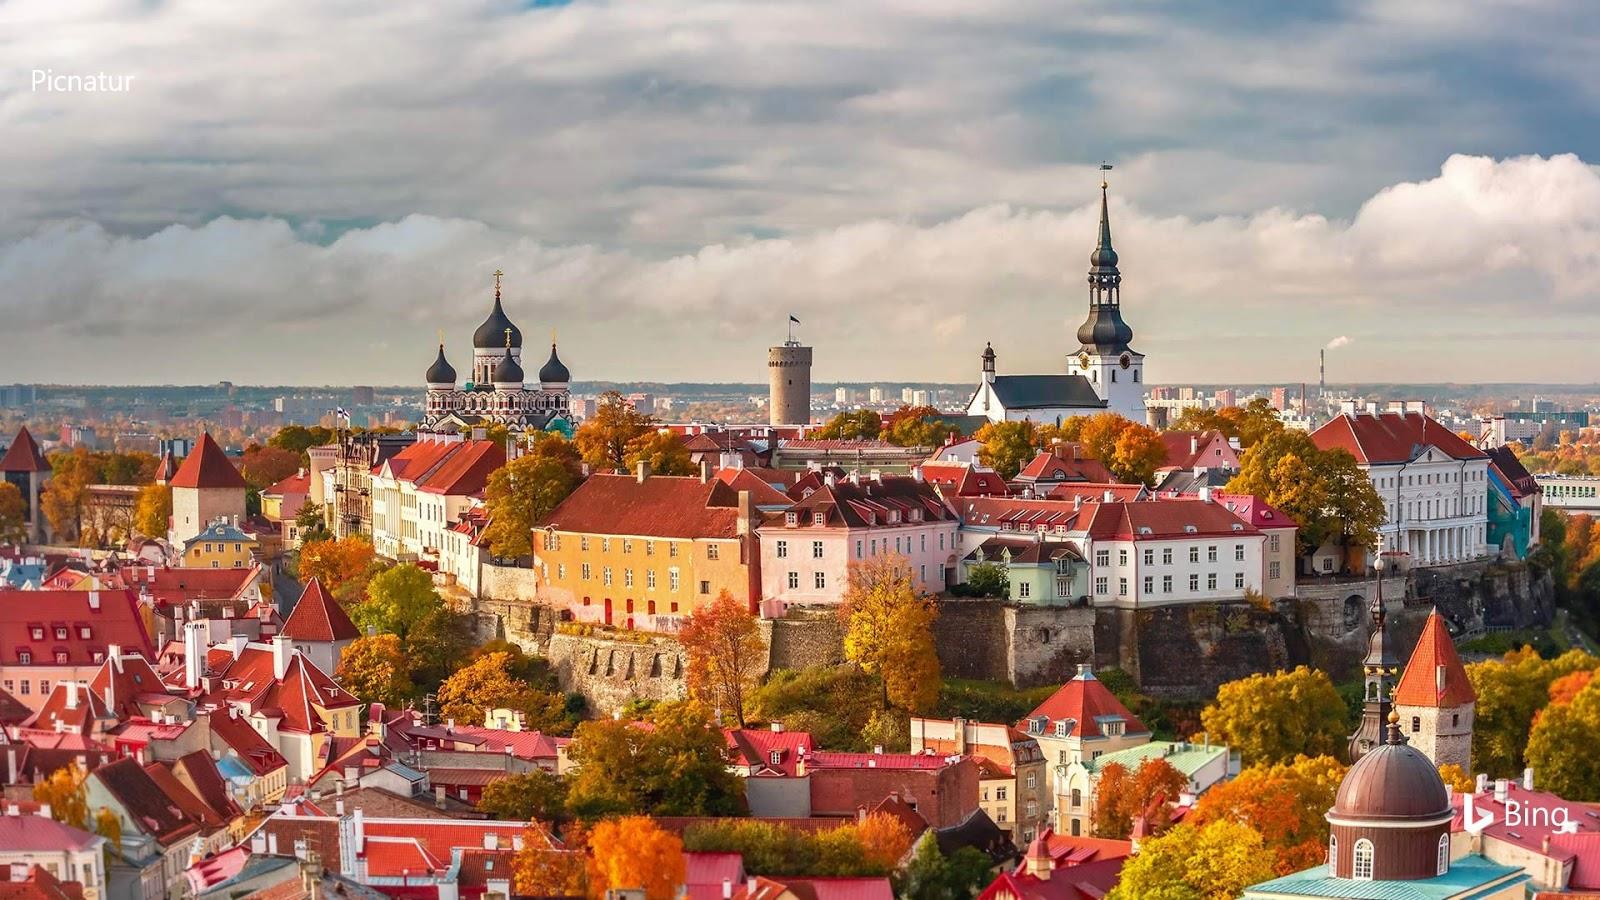 Old Town of Tallinn, Estonia © Kavalenkava Volha/Alamy